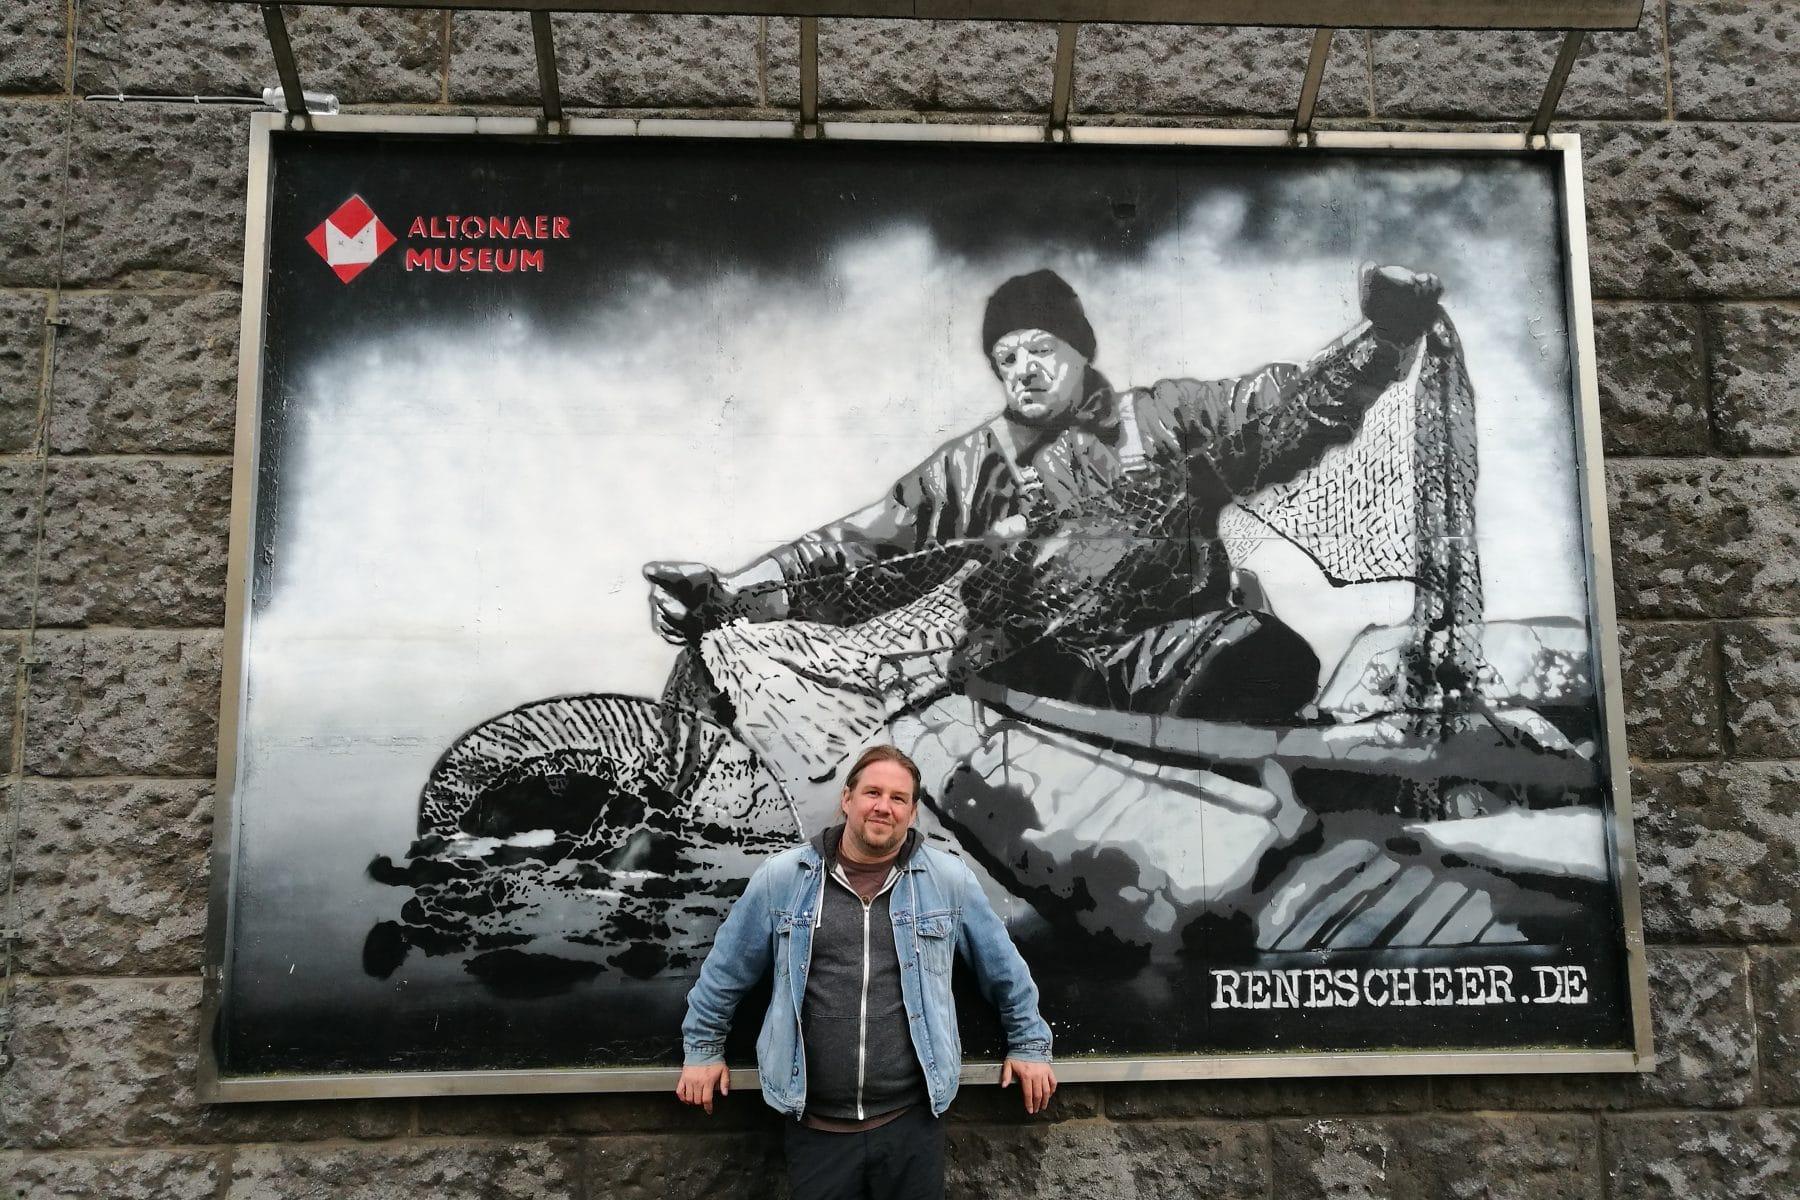 Der Künstler René Scheer vor einem seiner Werke. Foto: Silke Grau